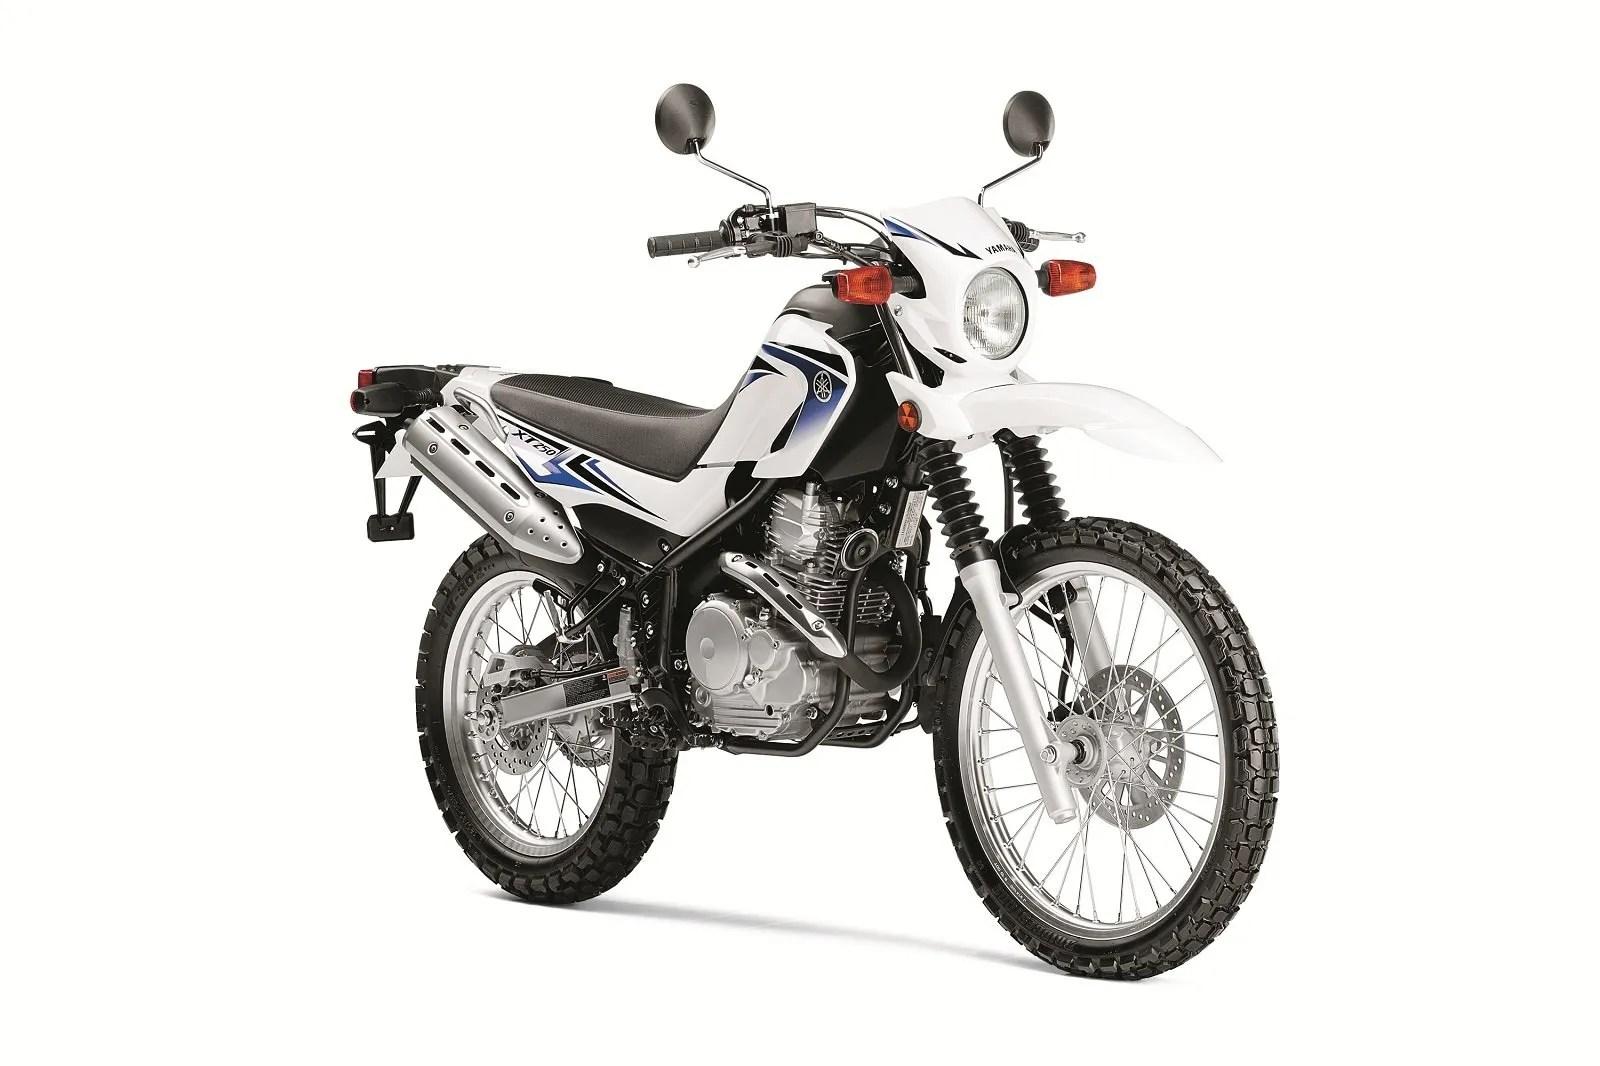 Yamaha Xt250 Review